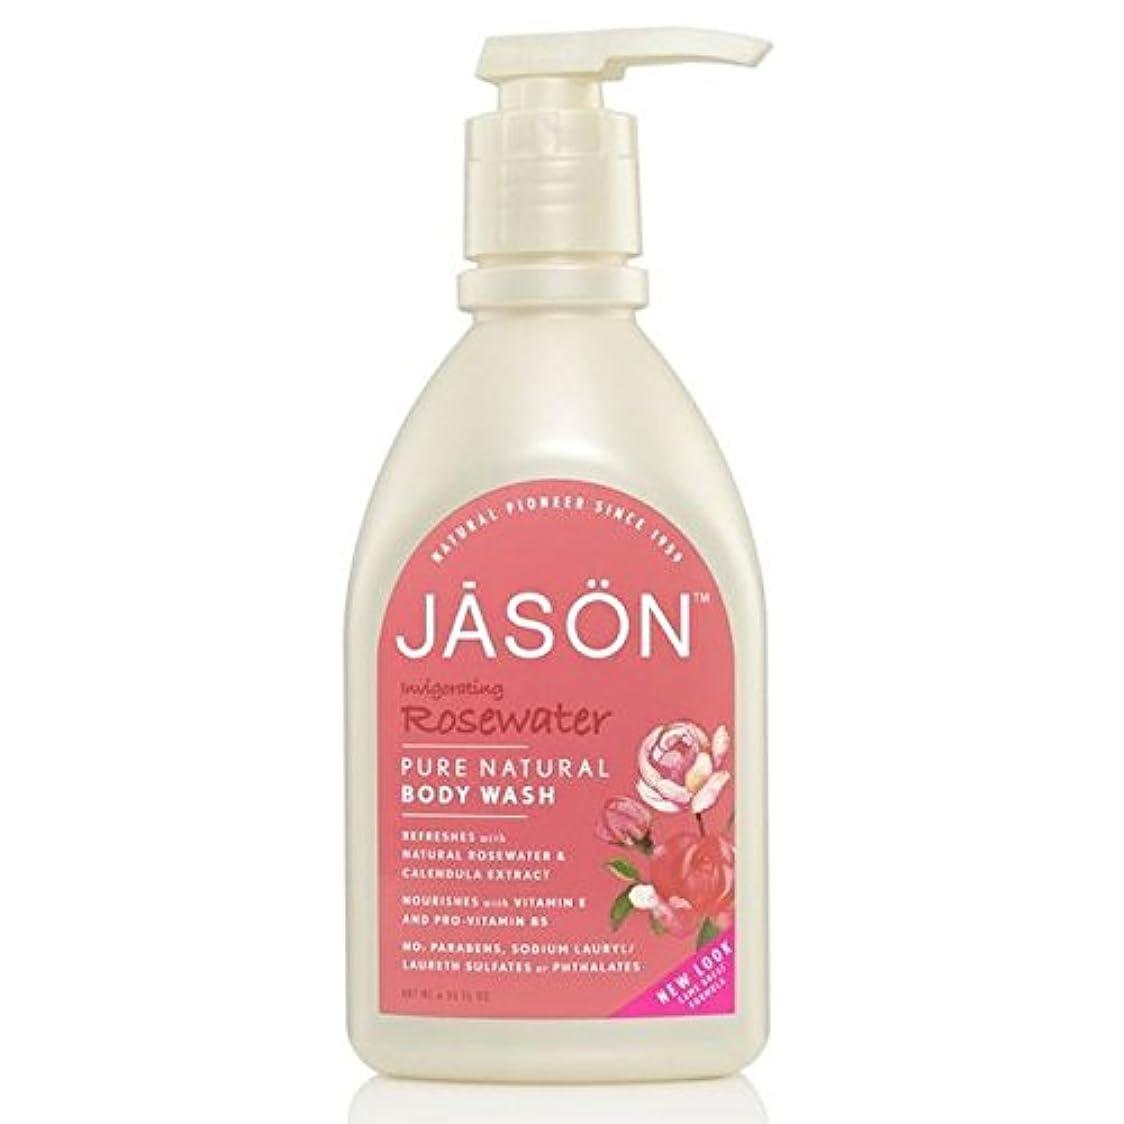 前書き製造ライタージェイソン?ボディウォッシュローズウォーターサテンシャワー900ミリリットル x4 - Jason Body Wash Rosewater Satin Shower 900ml (Pack of 4) [並行輸入品]